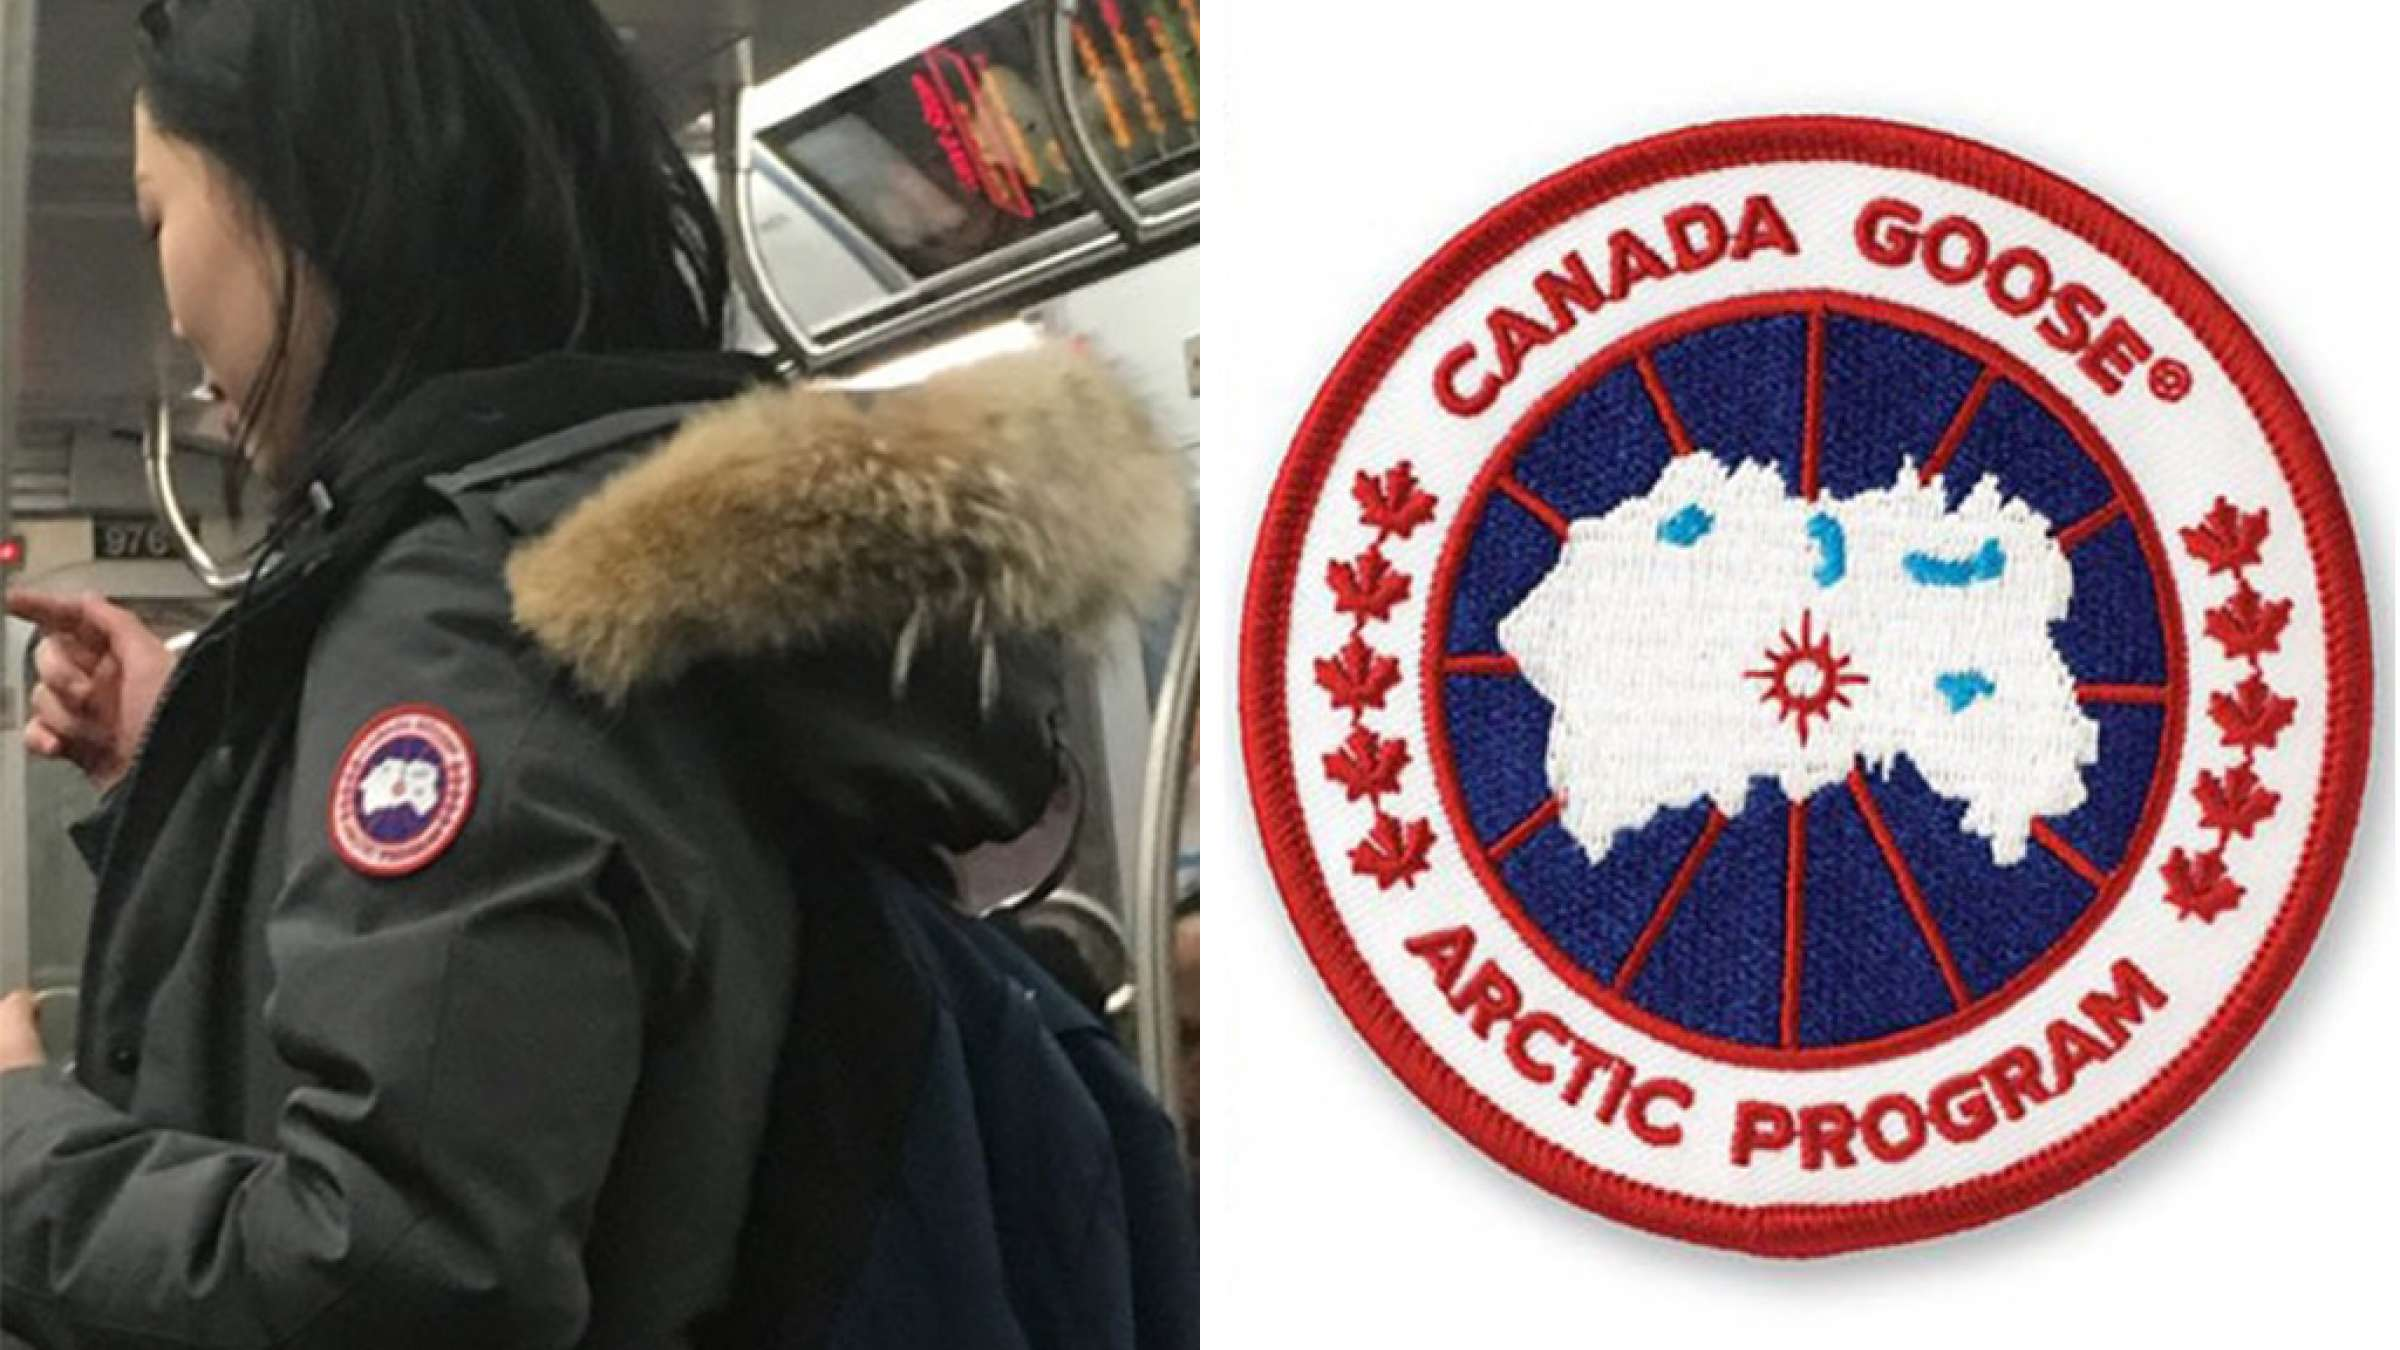 اخبار-کانادا-دزدی-مسلحانه-کاپشن-های-زمستانی-کانادایی-در-شیکاگو